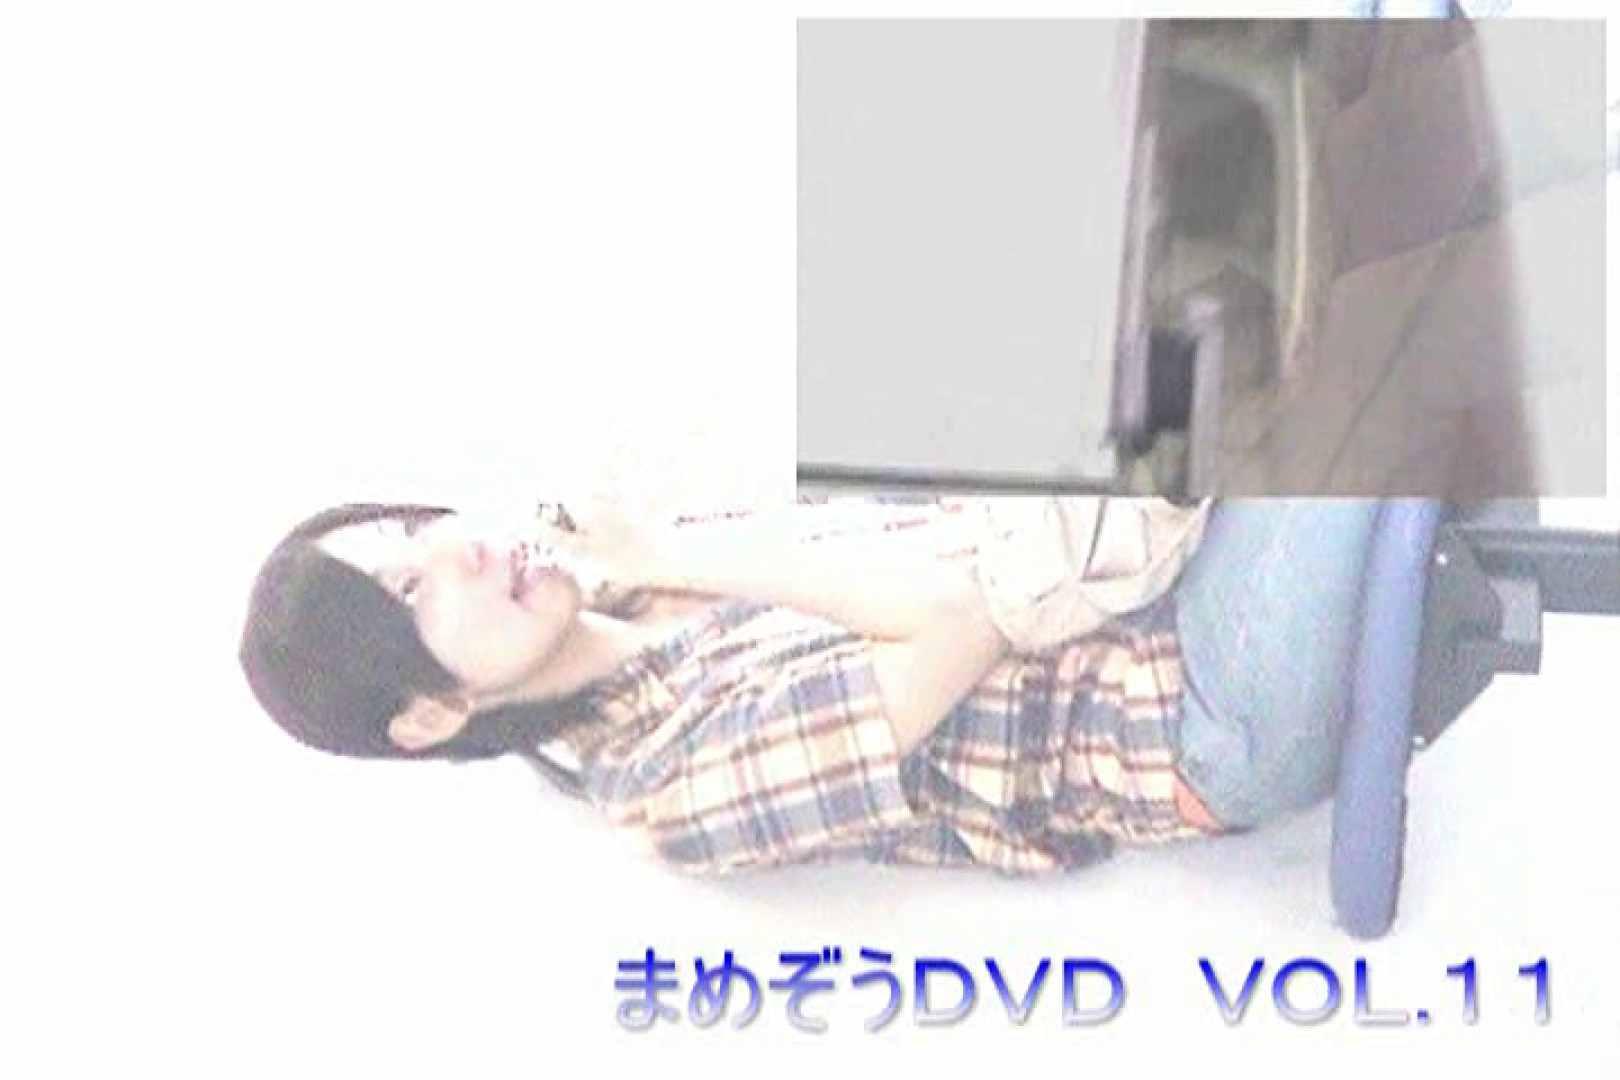 まめぞうDVD完全版VOL.11 ギャル  74PIX 15